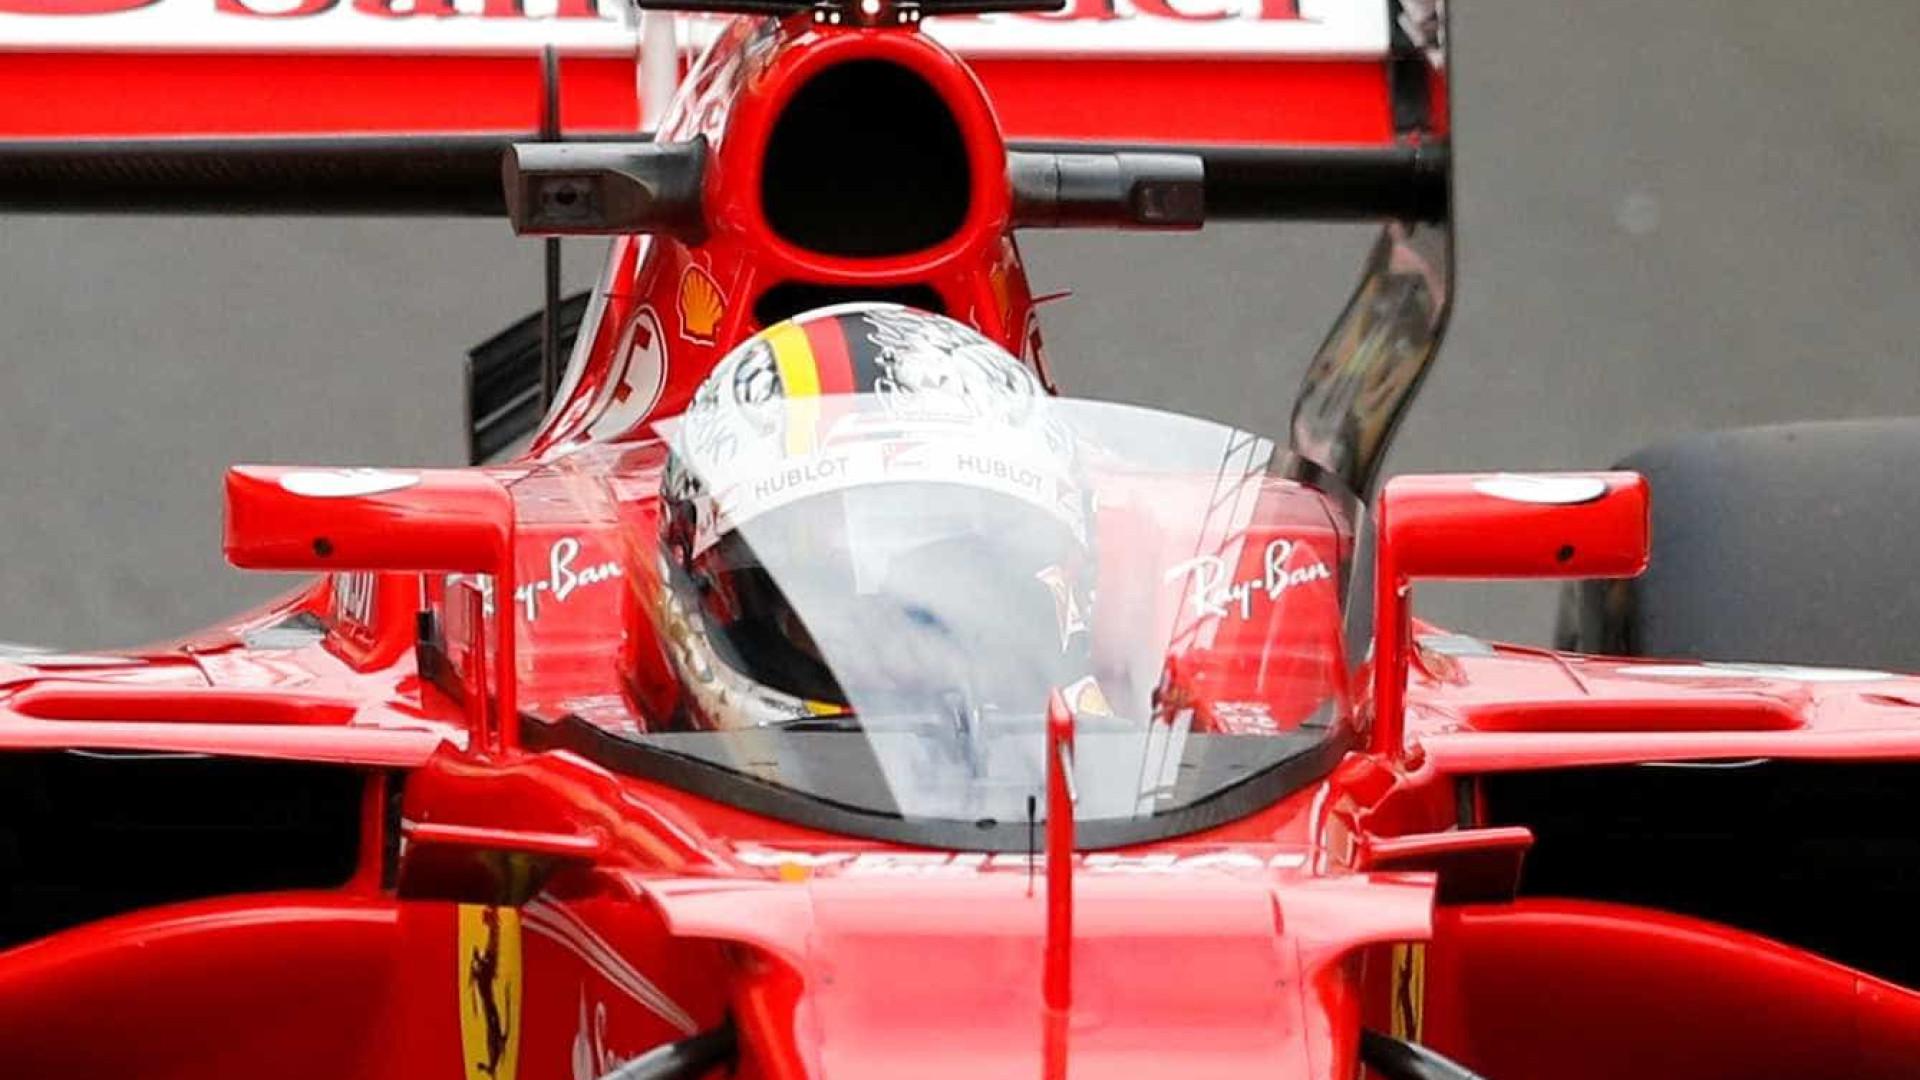 Mercedes troca câmbio e Bottas perde 5 posições no grid em Silverstone